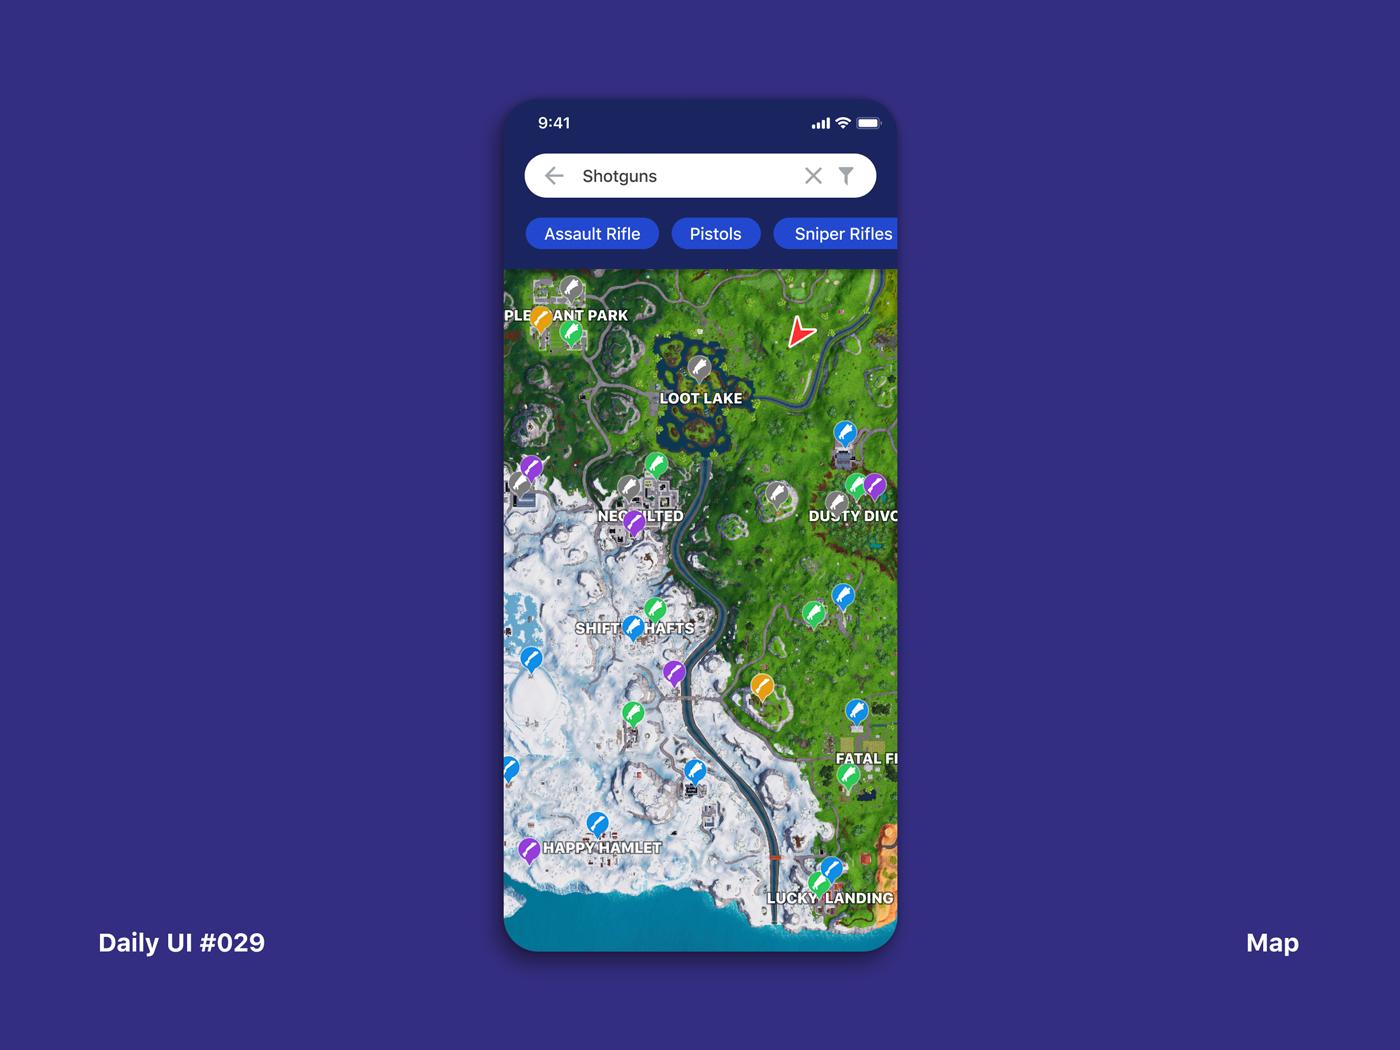 Daily UI #029 Map game map dailyui 029 app interface dailyui ui